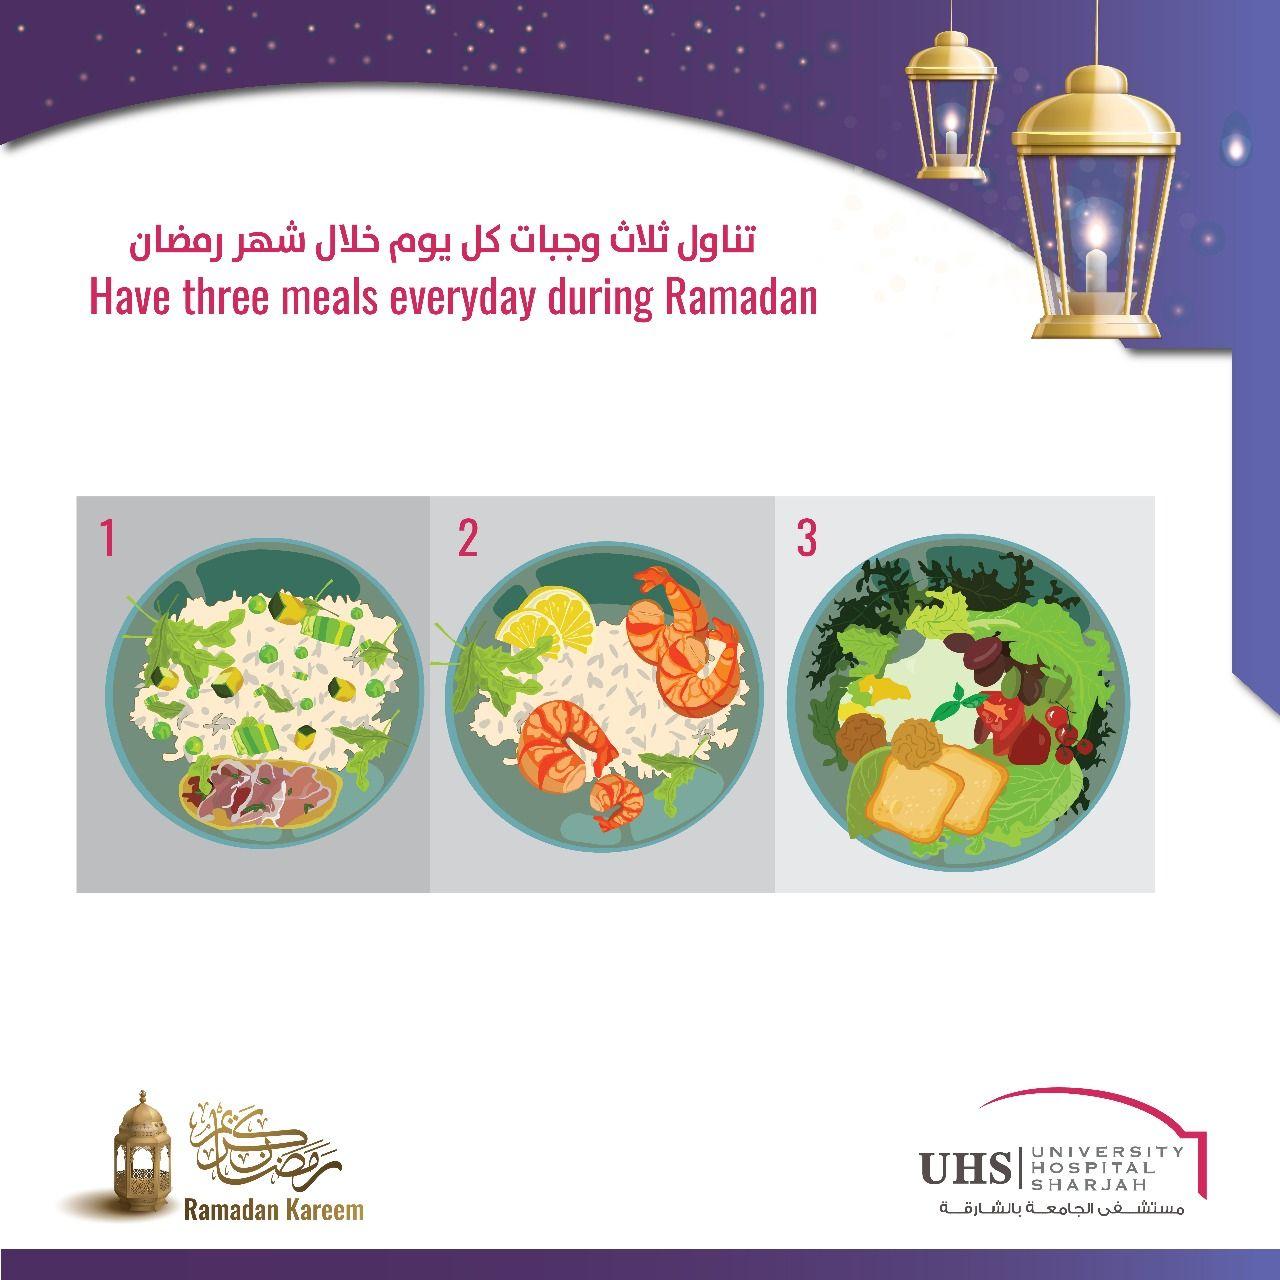 تناول ثلاث وجبات كل يوم خلال شهر رمضان الإفطار ووجبة خفيفة في المساء والسحور لمساعدتك على تجنب تناول الوجبات الخفيفة باستمرار بعد أوقات الإفطار والحف Pincode